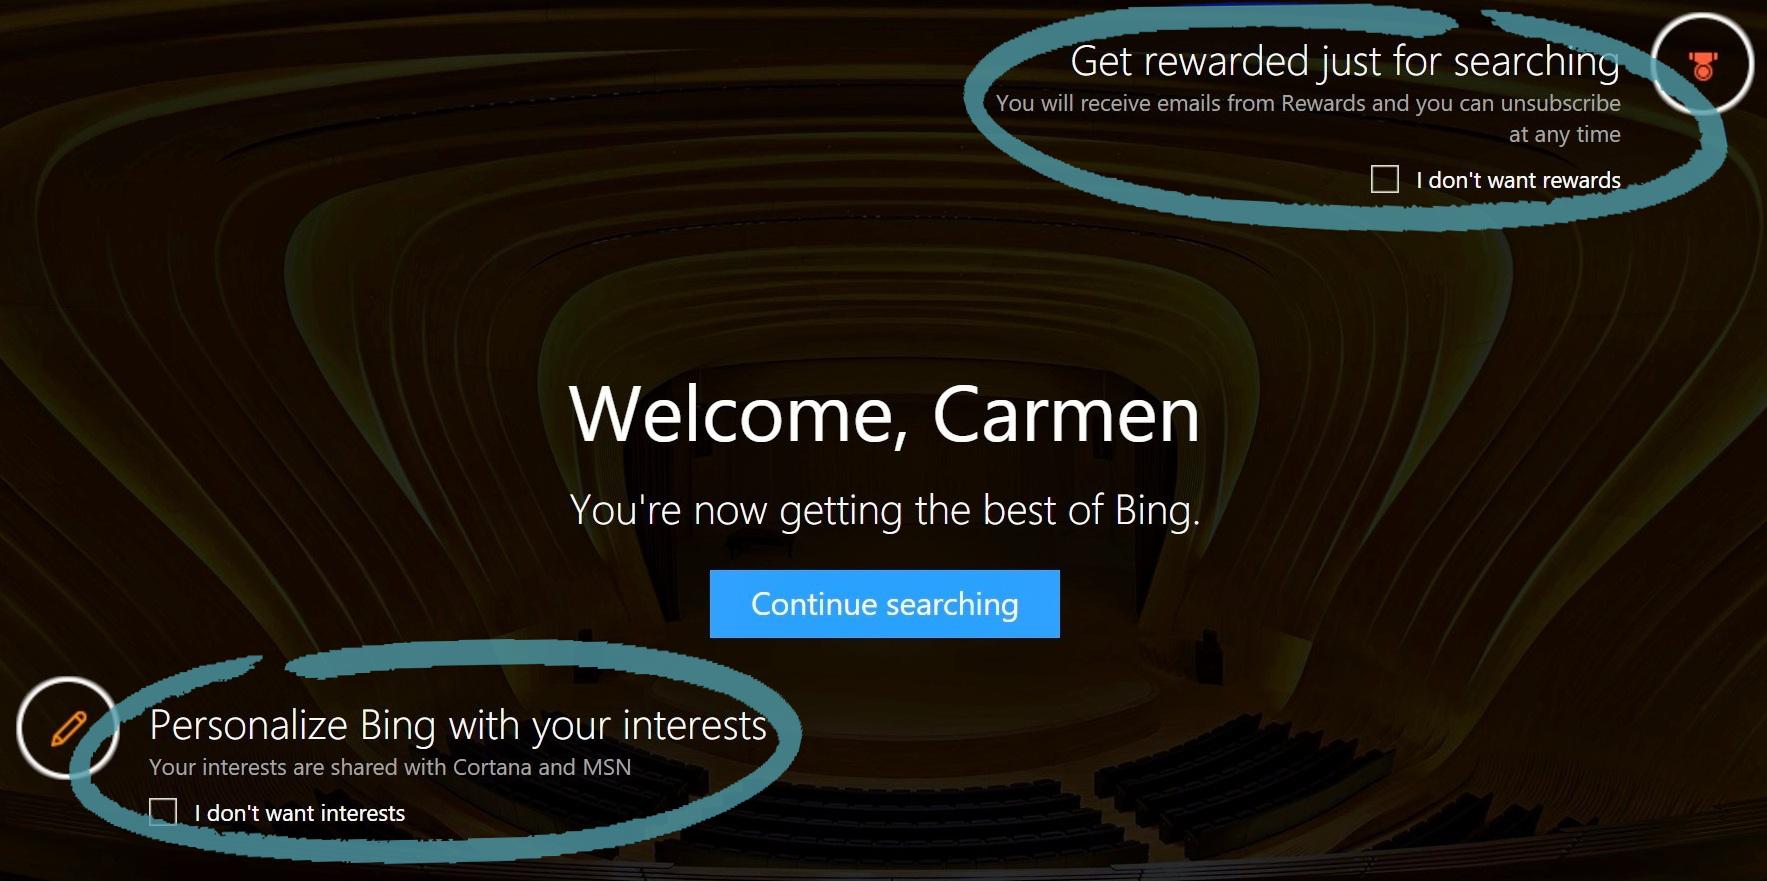 リワードと興味分野のオプトインに関する Bing ホームページ